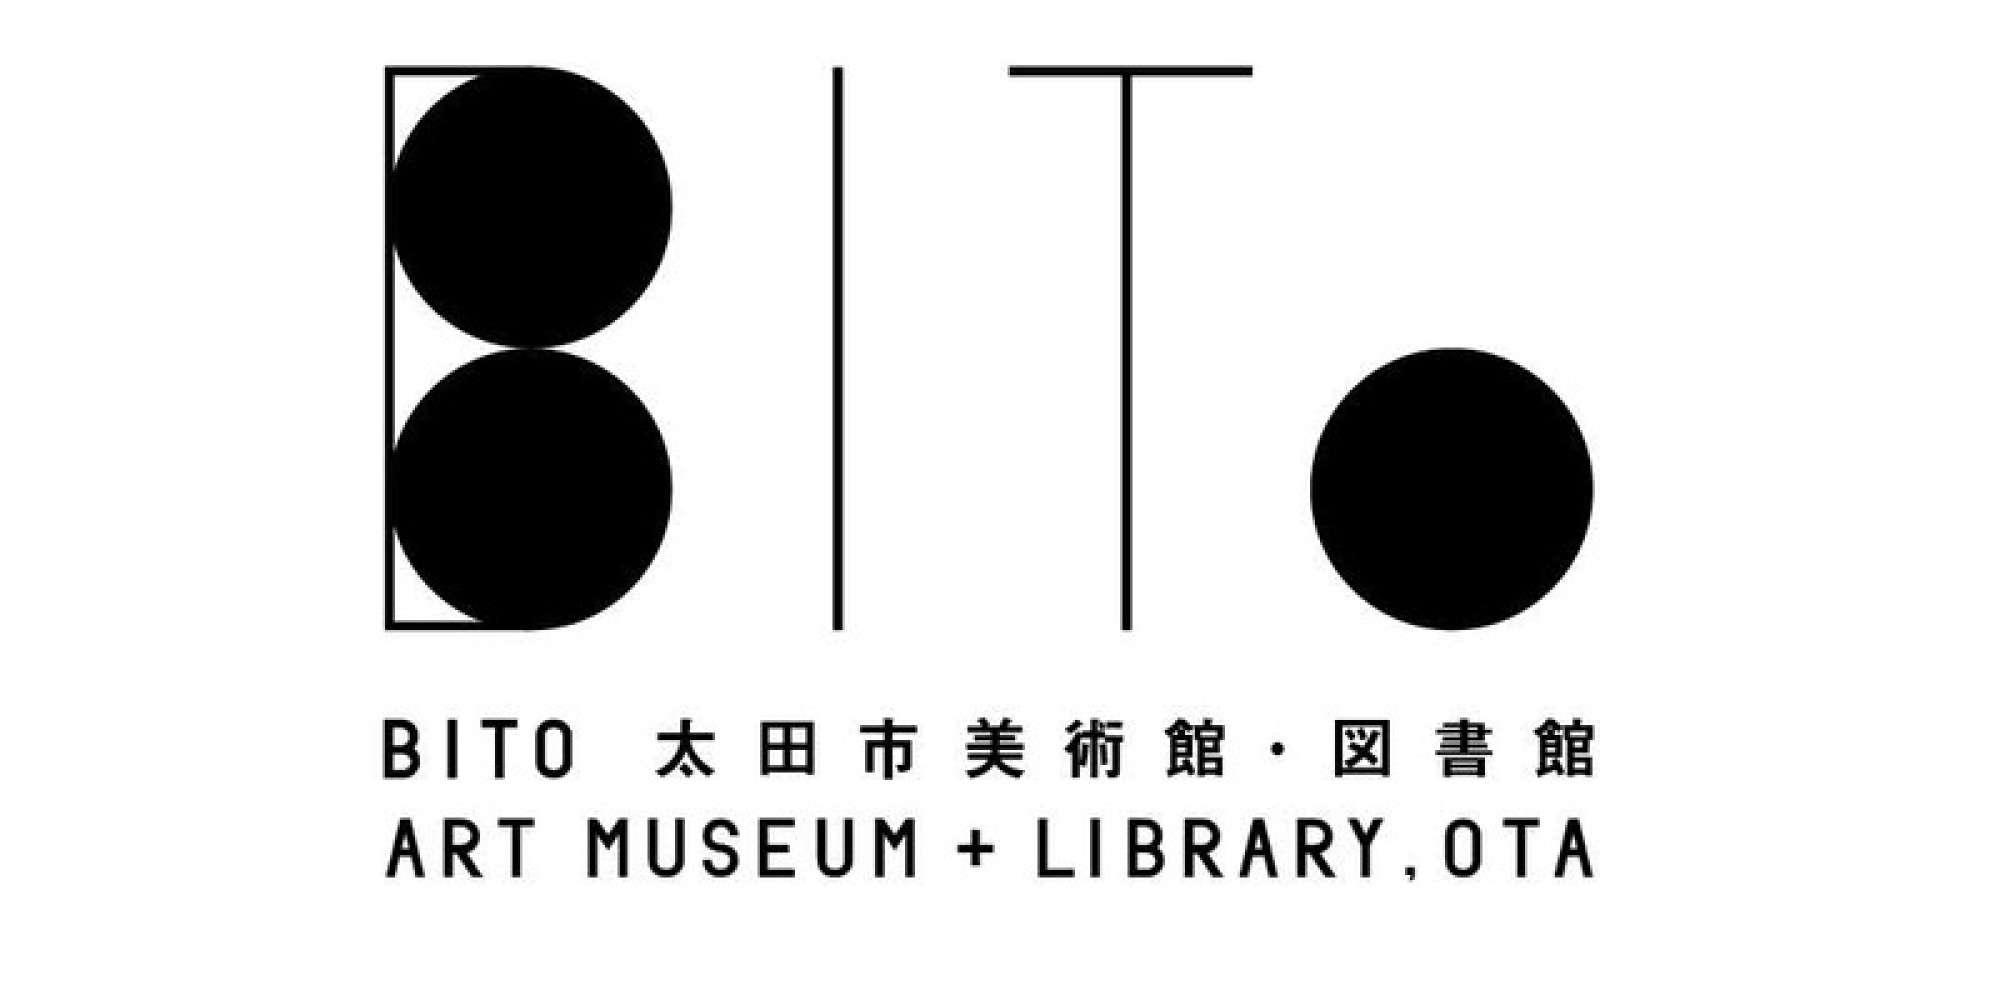 佐野研二郎氏のロゴを断念  群馬・太田市の「おおたBITO」その理由は?